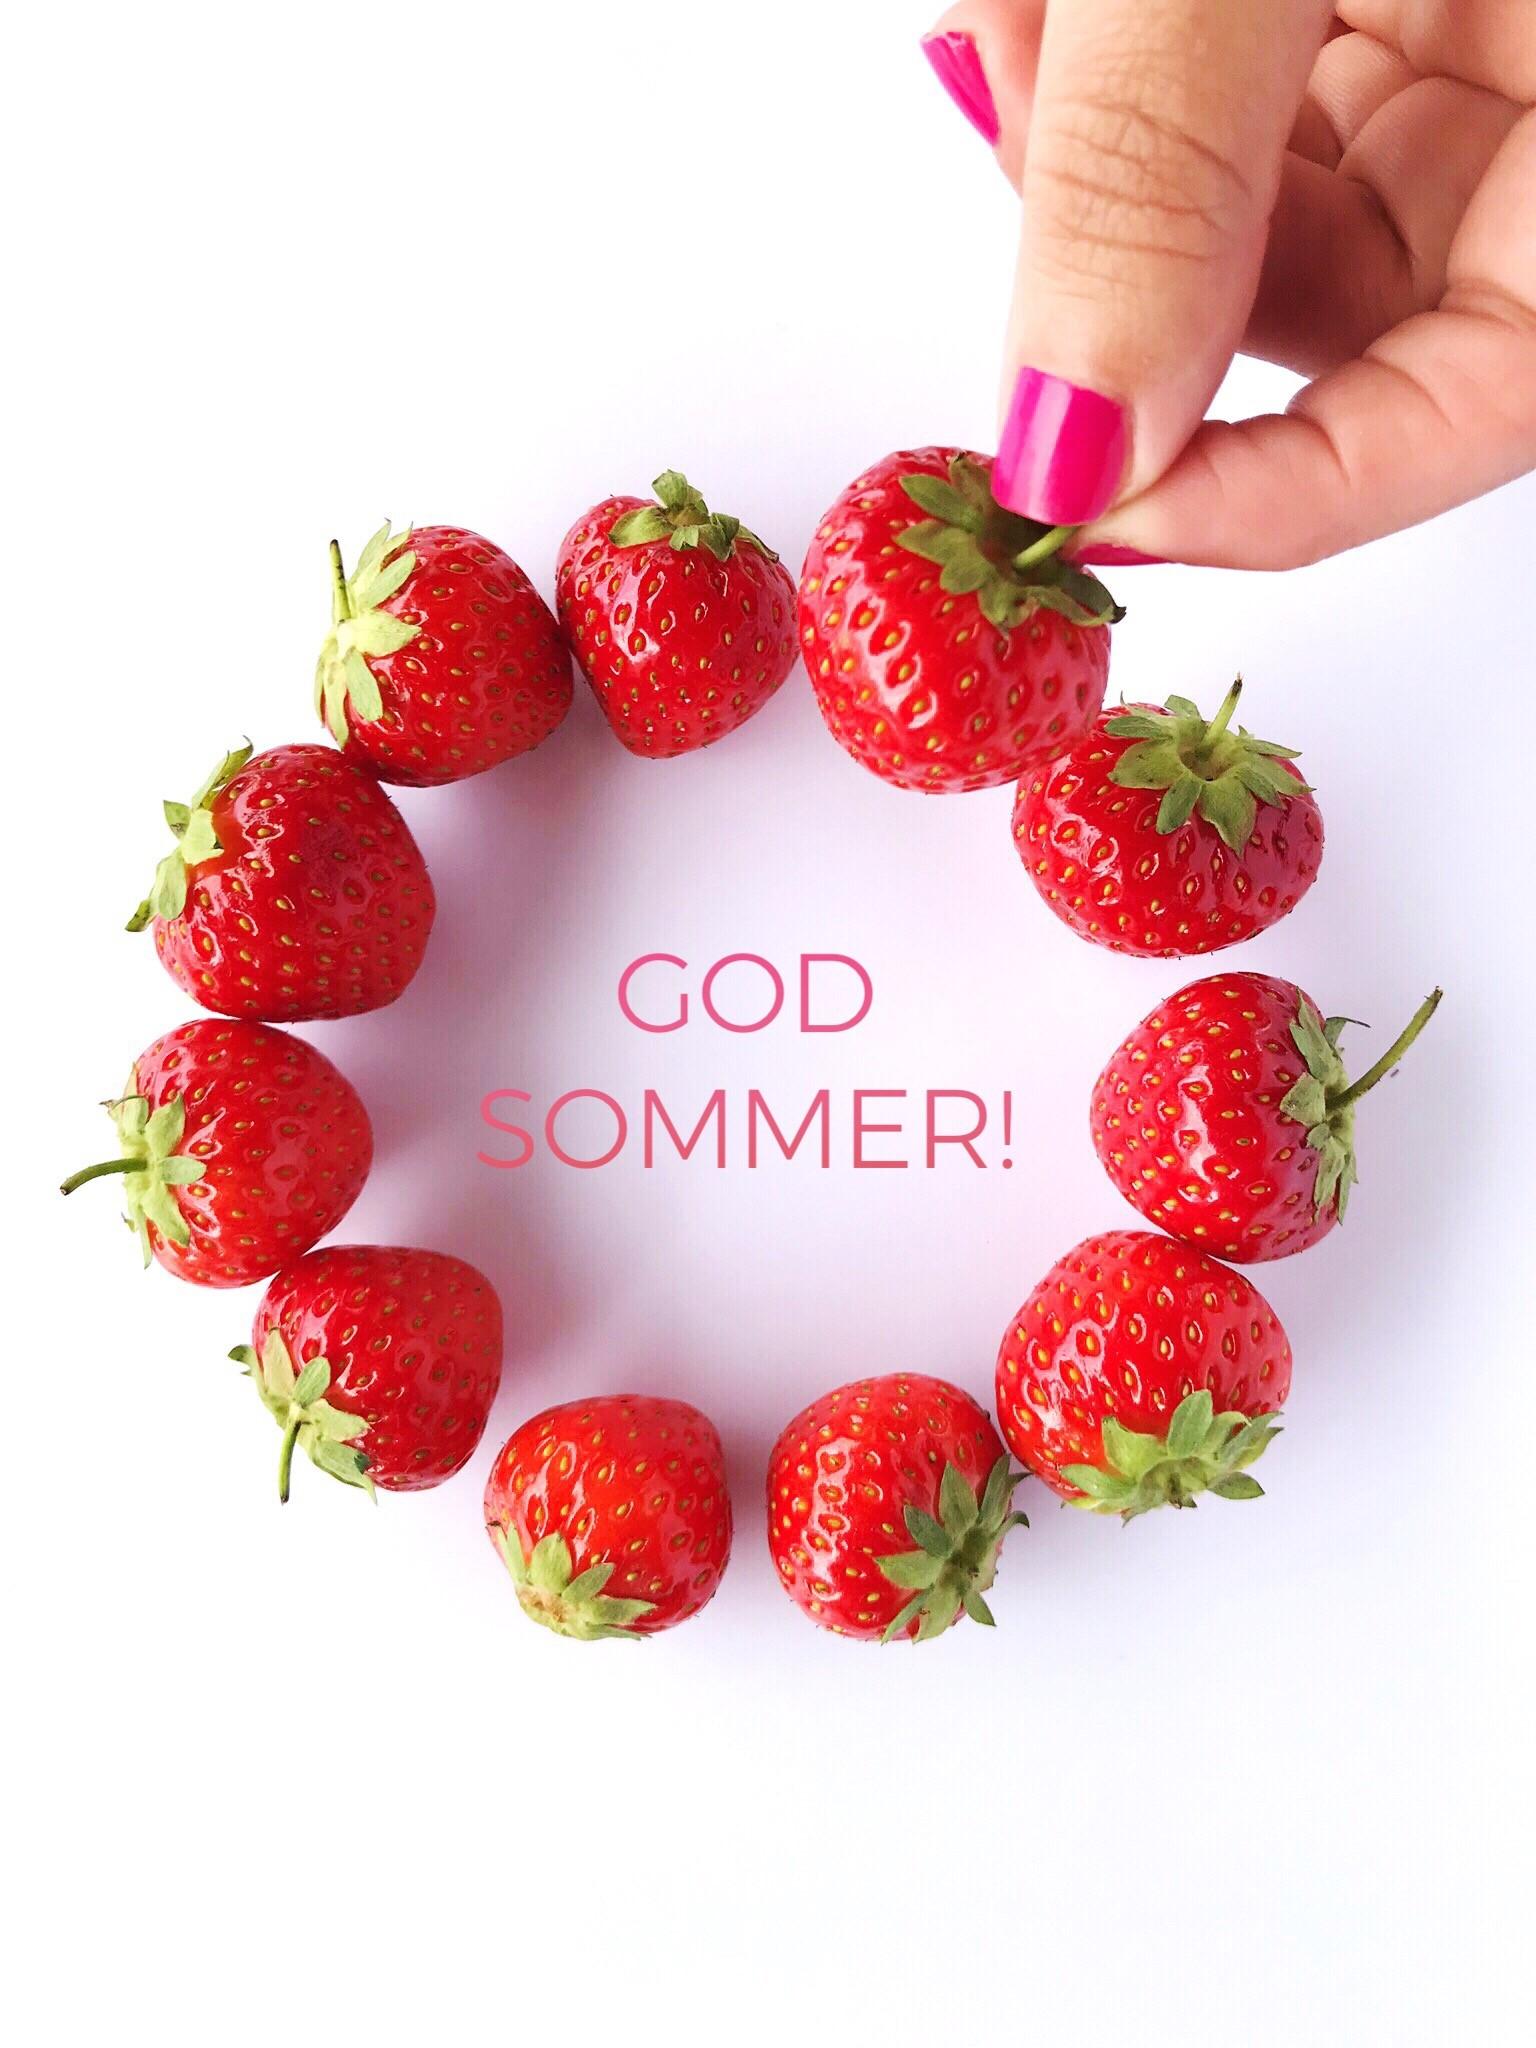 Sommer jordbær.jpg